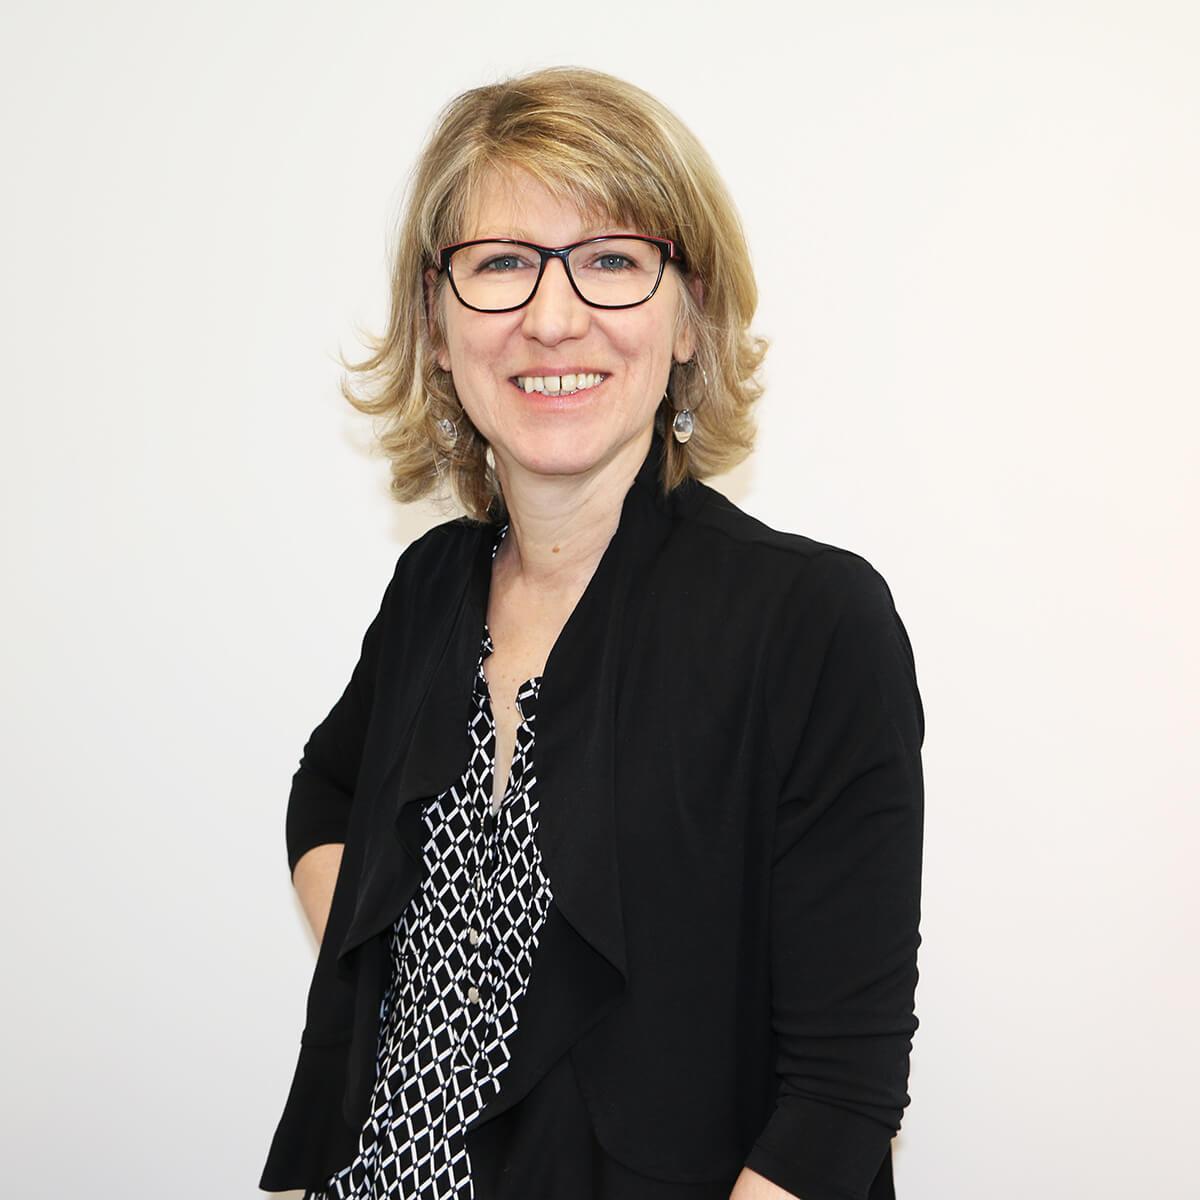 Brigitte Gagnon agente de développement Lancement d'une entreprise KRTB formation conseillère continue Service aux entreprises et à la main-d'oeuvre Rivière-du-Loup Kamouraska Centre professionnelle Pavillon-de-l'Avenir